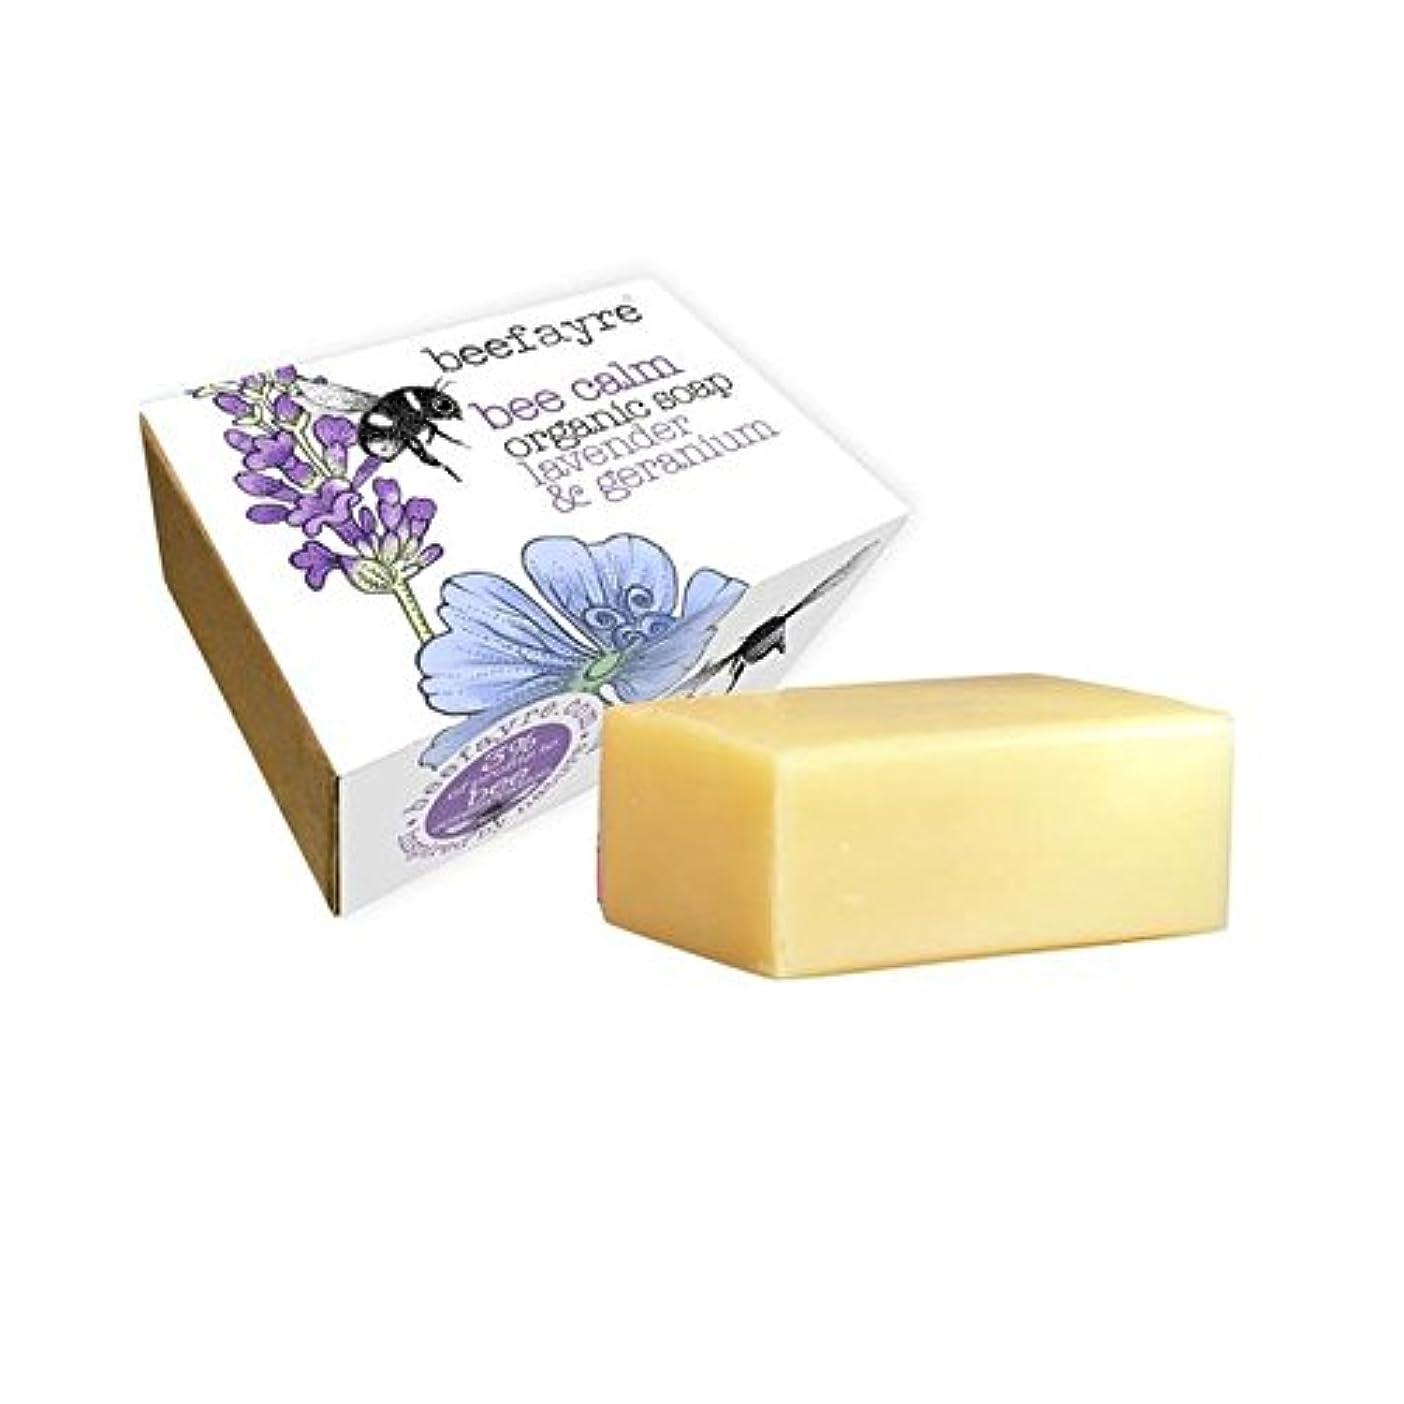 作成する反動着飾る有機ゼラニウム&ラベンダー石鹸 x4 - Beefayre Organic Geranium & Lavender Soap (Pack of 4) [並行輸入品]